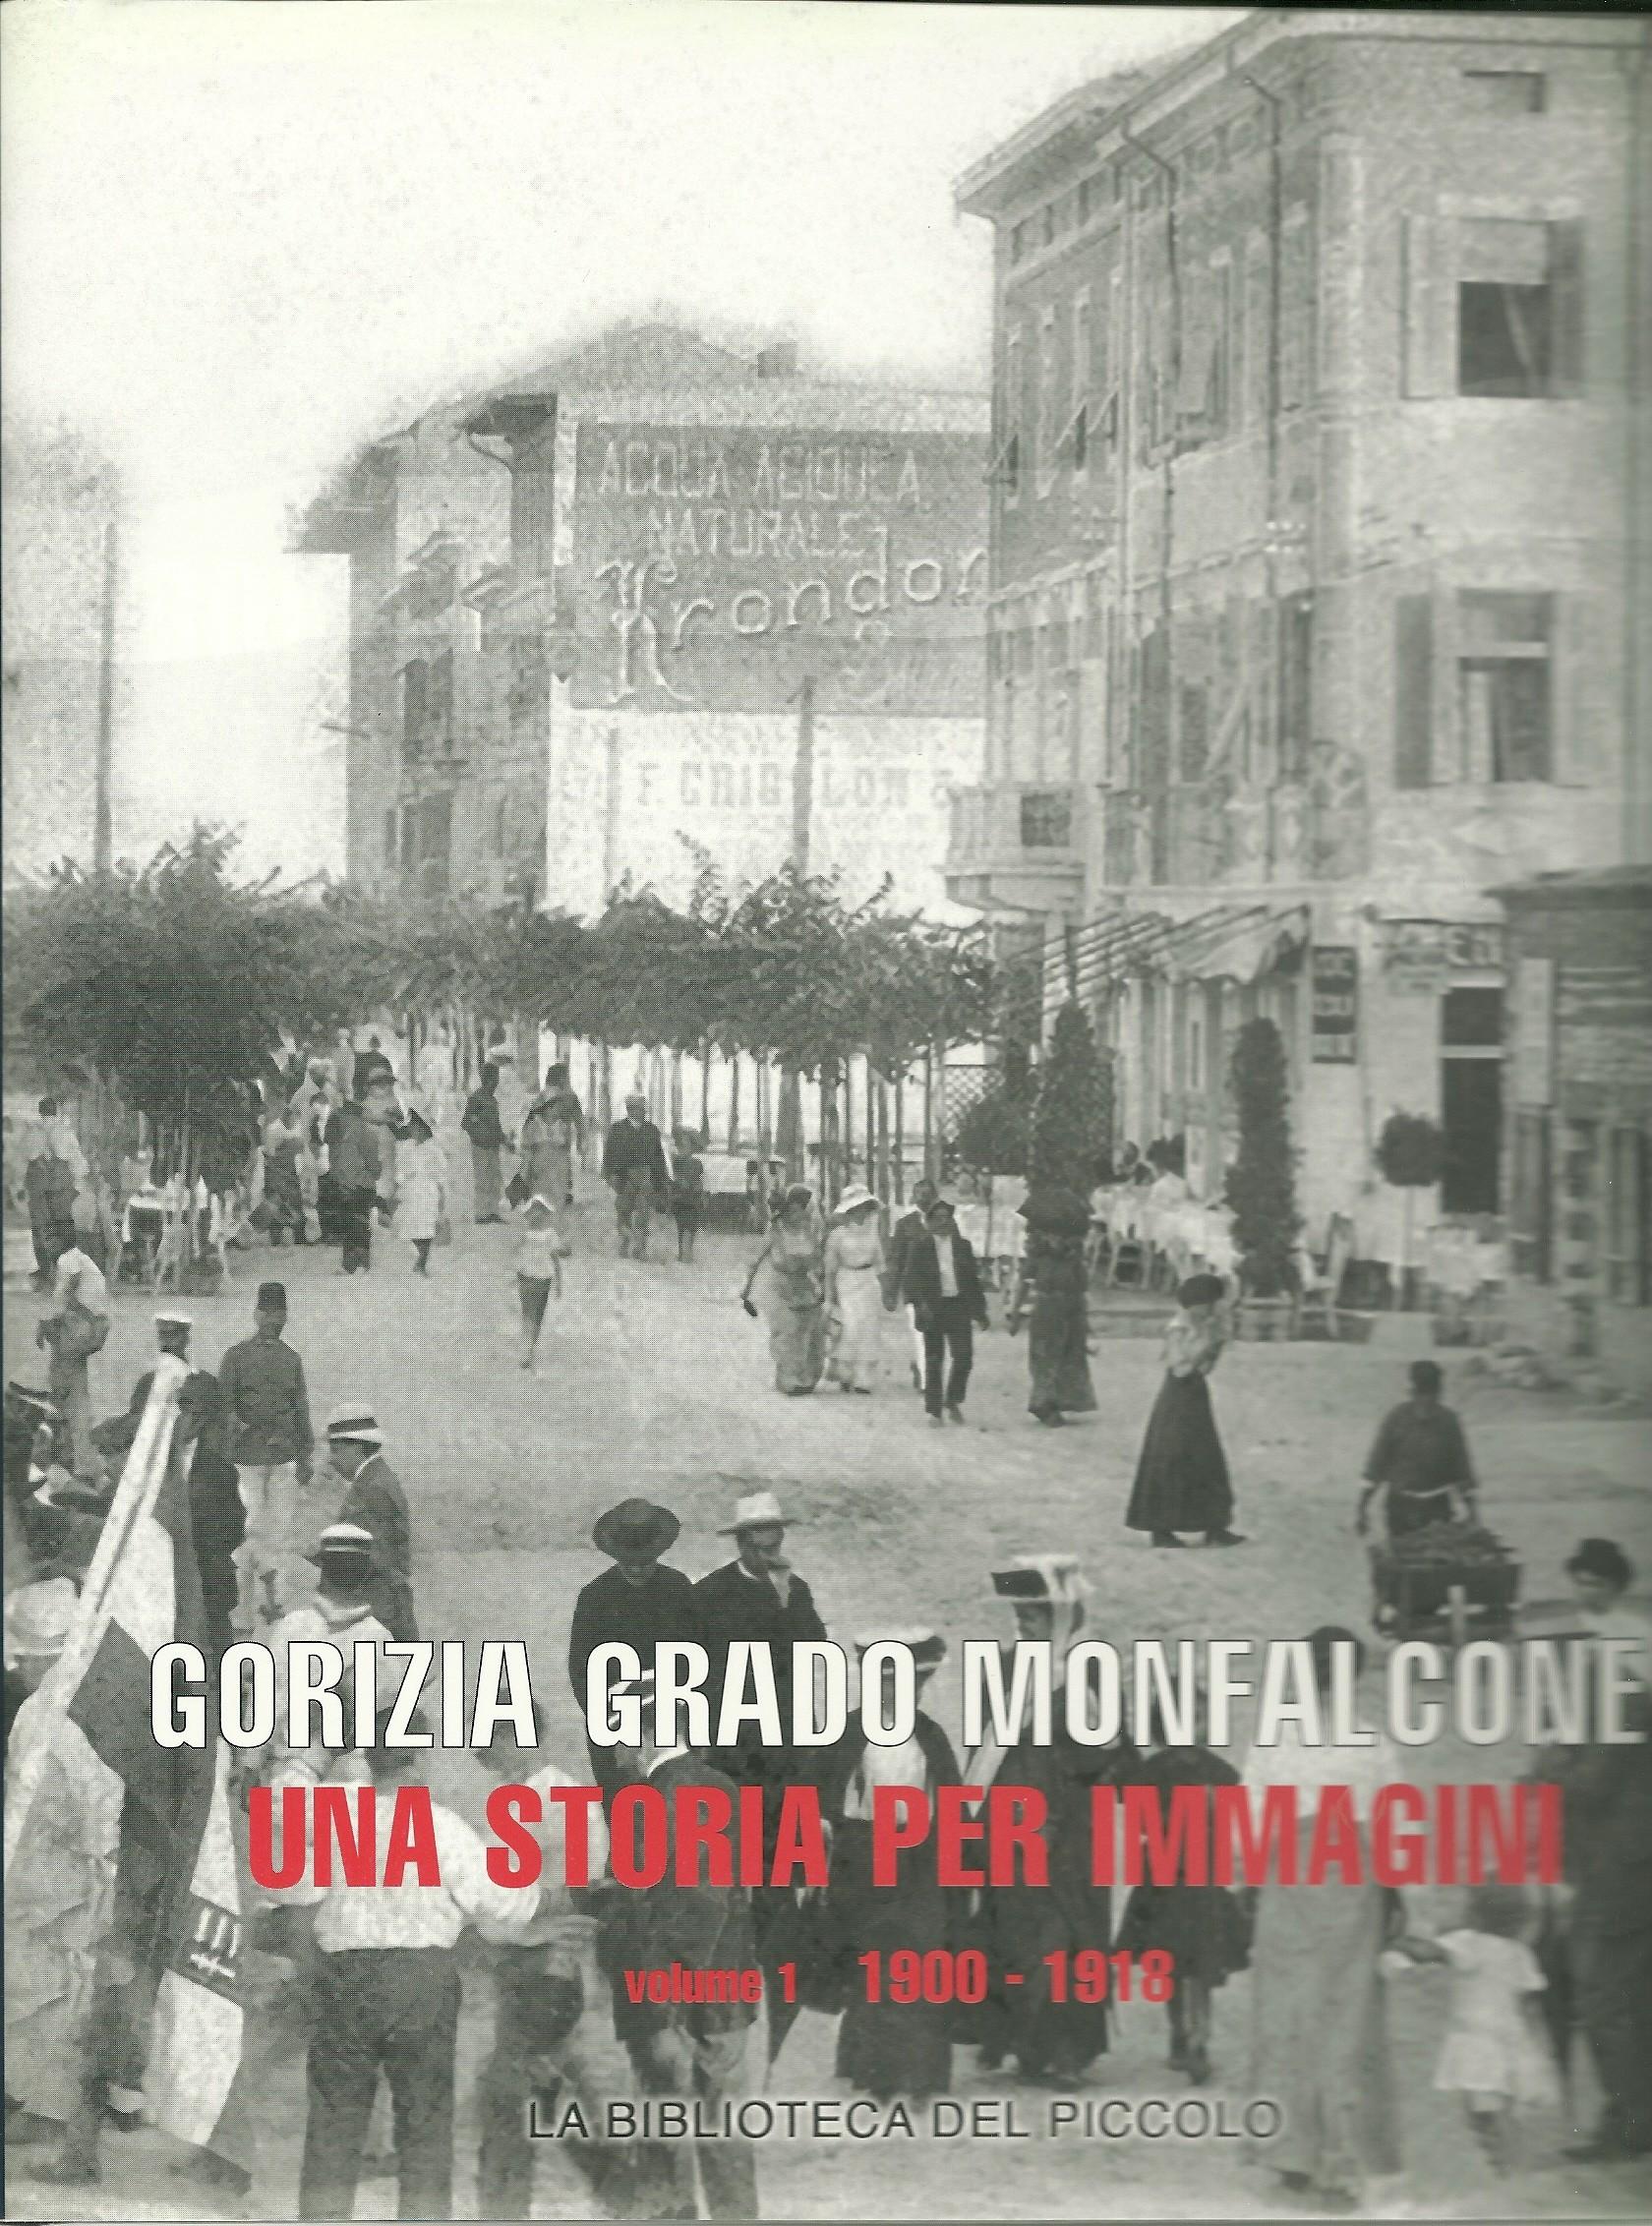 Gorizia, Grado, Monfalcone: una storia per immagini - Vol. 1